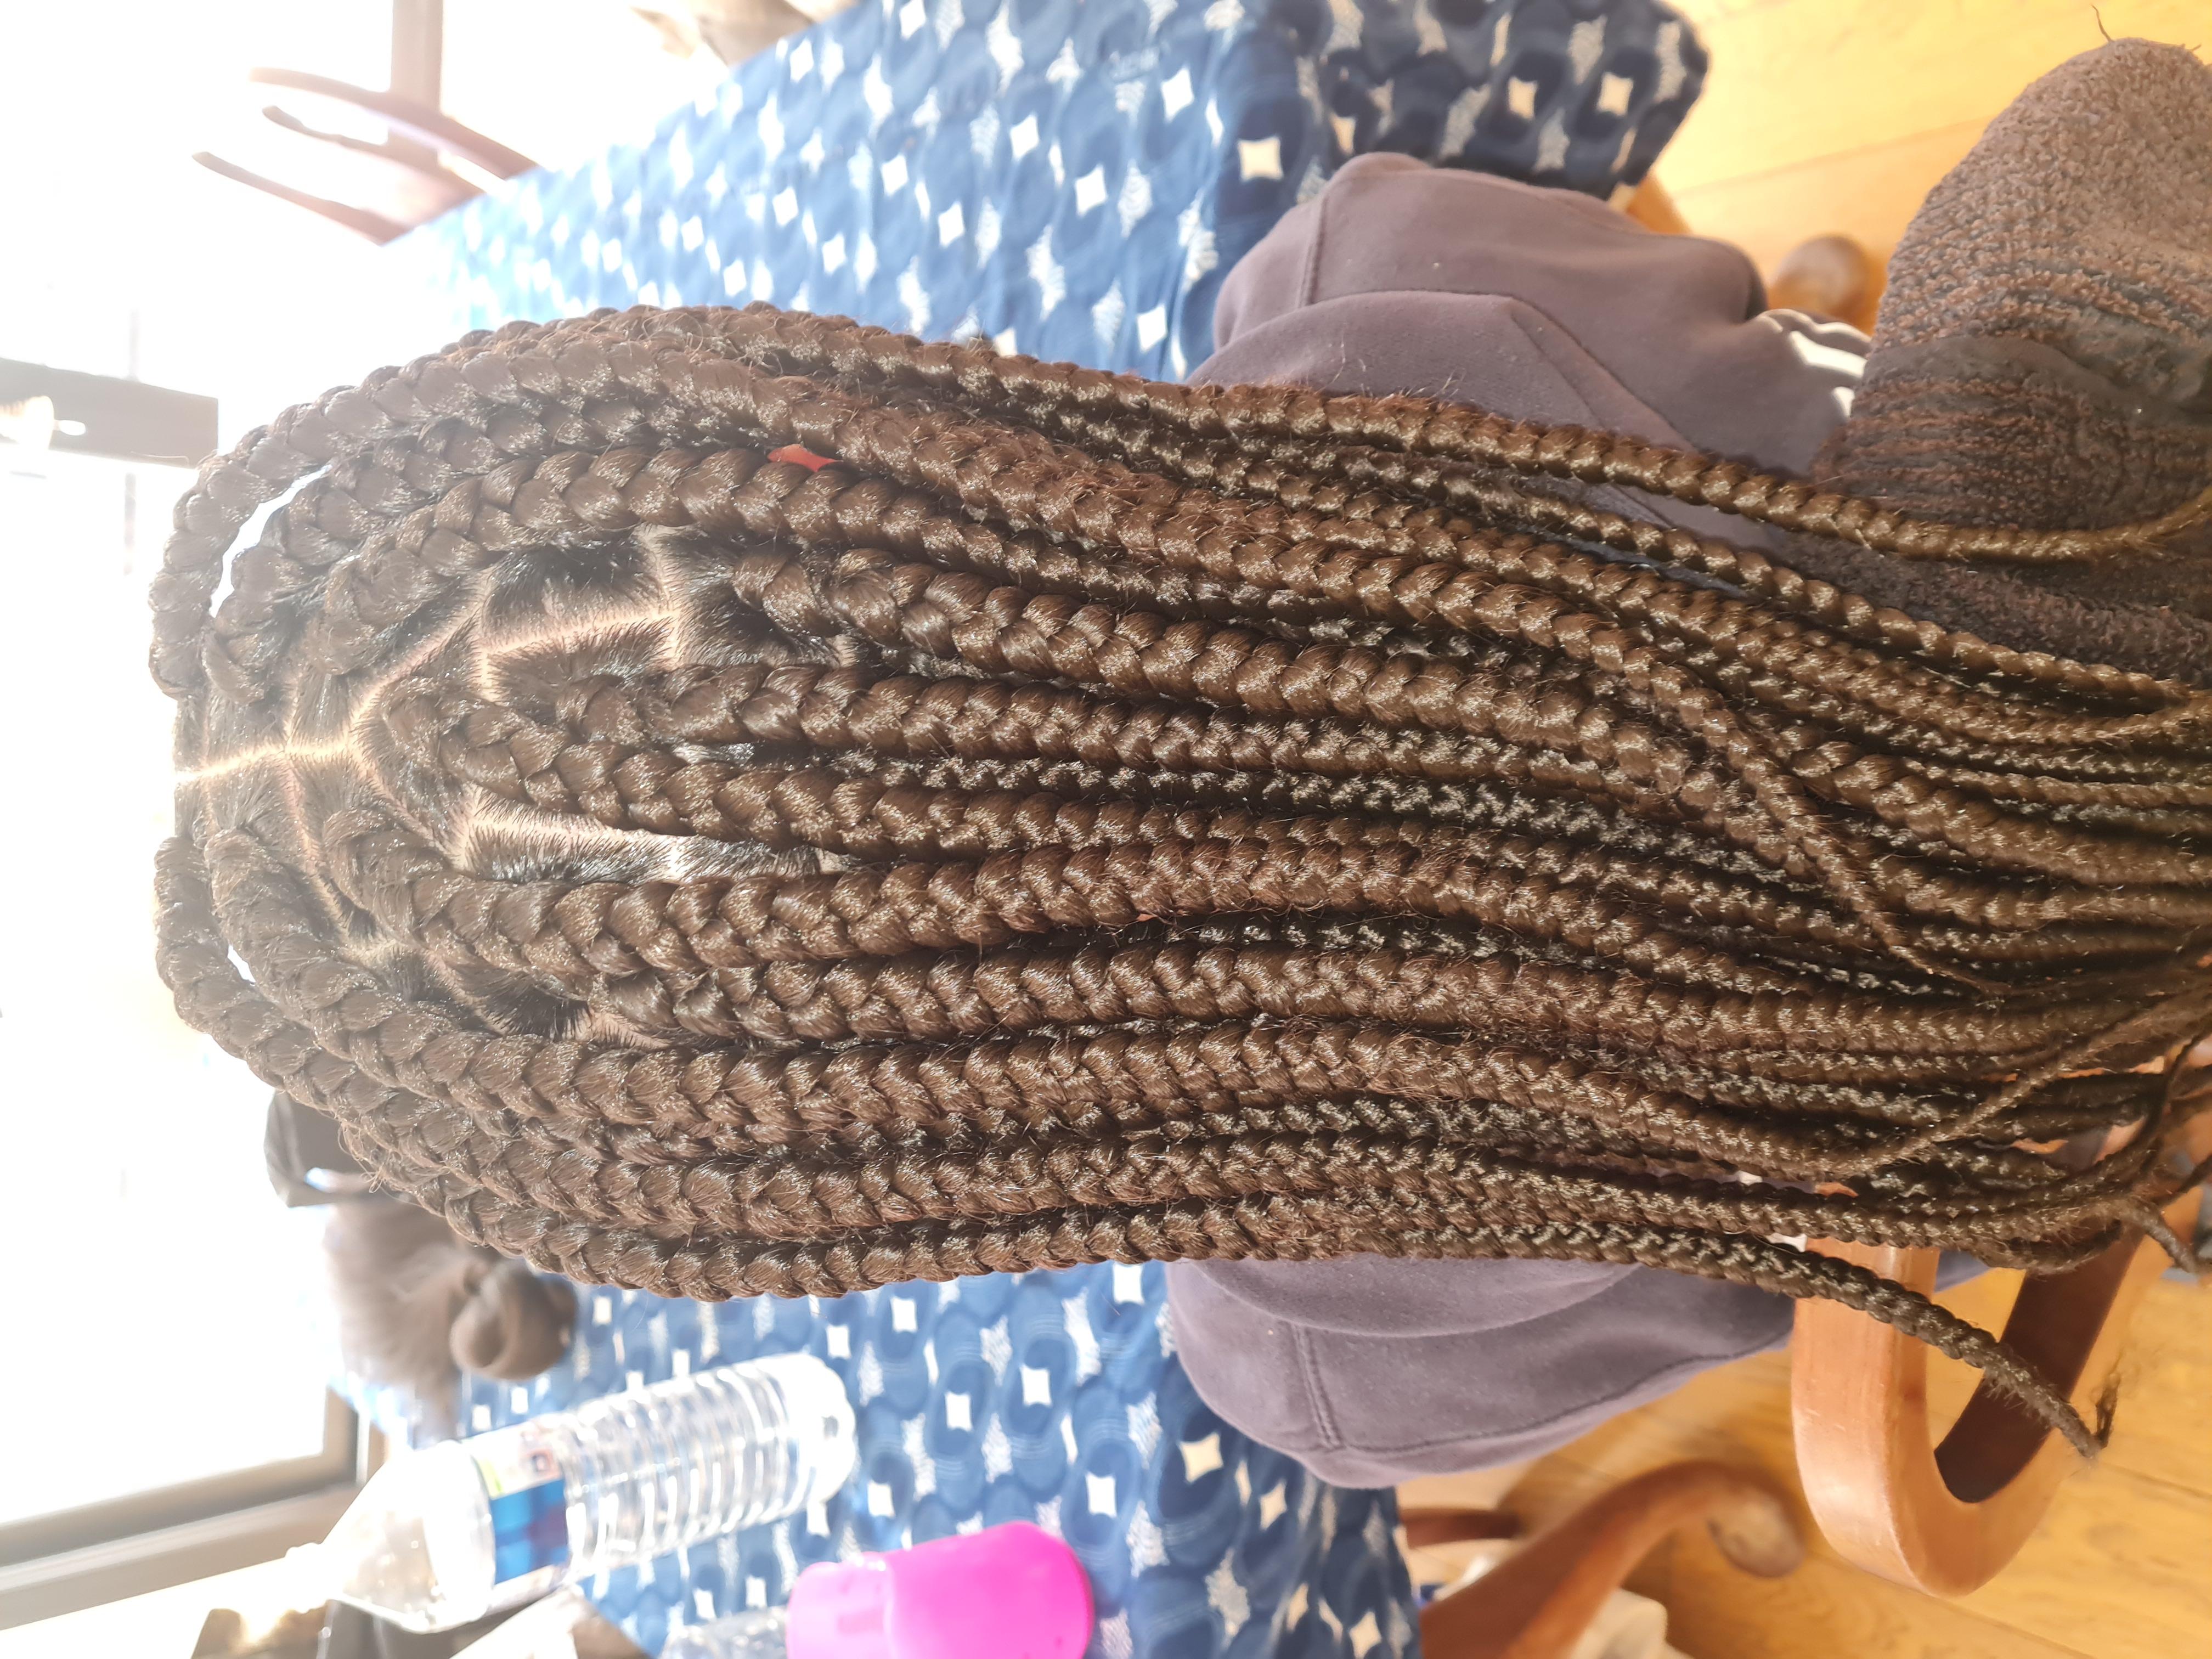 salon de coiffure afro tresse tresses box braids crochet braids vanilles tissages paris 75 77 78 91 92 93 94 95 TQBUVVKY